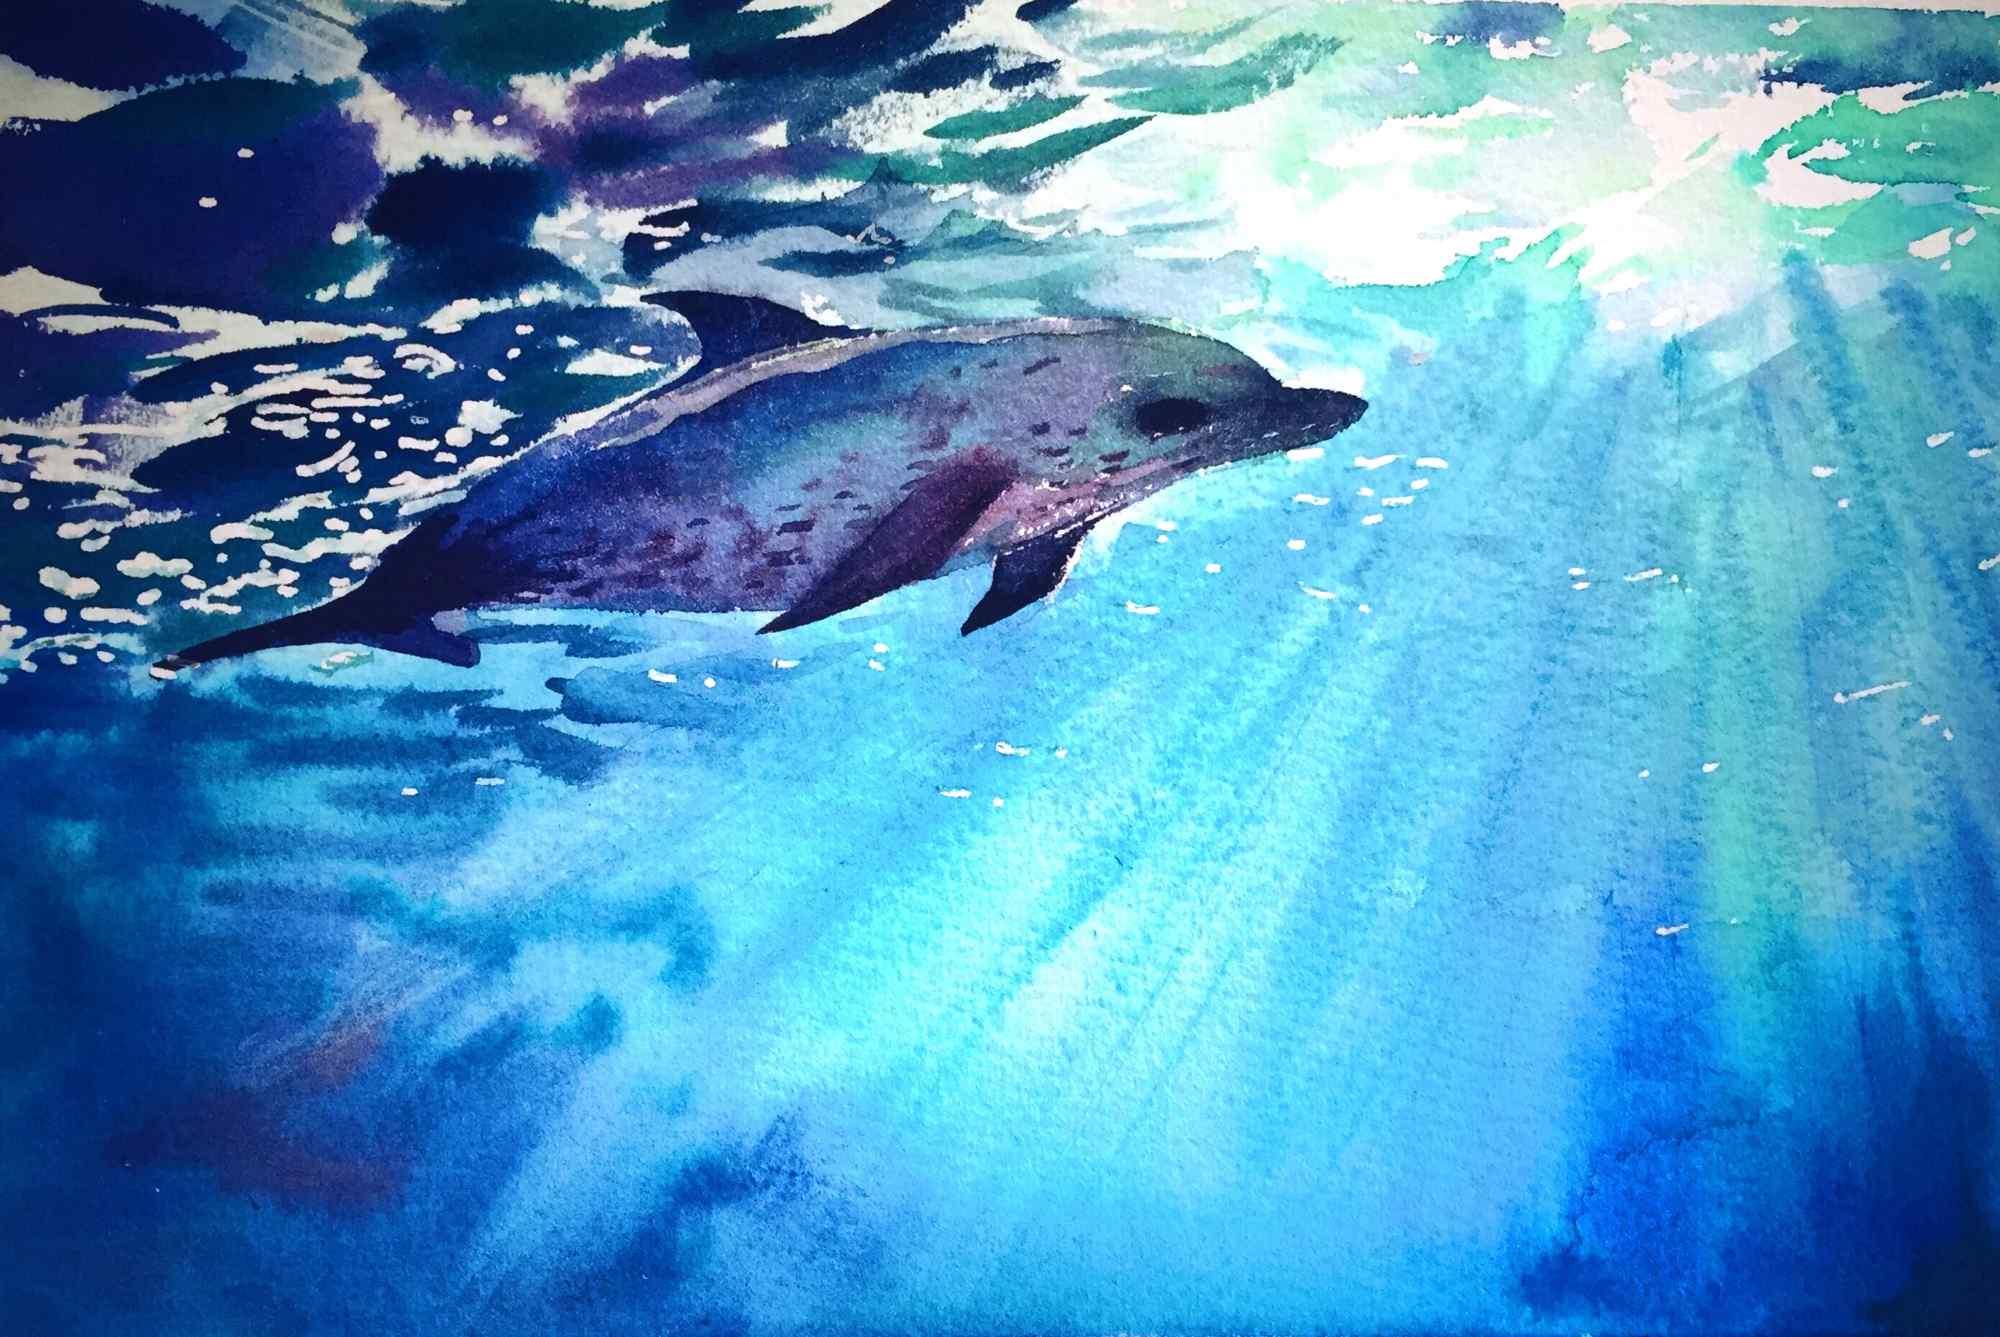 手绘可爱的海豚桌面壁纸